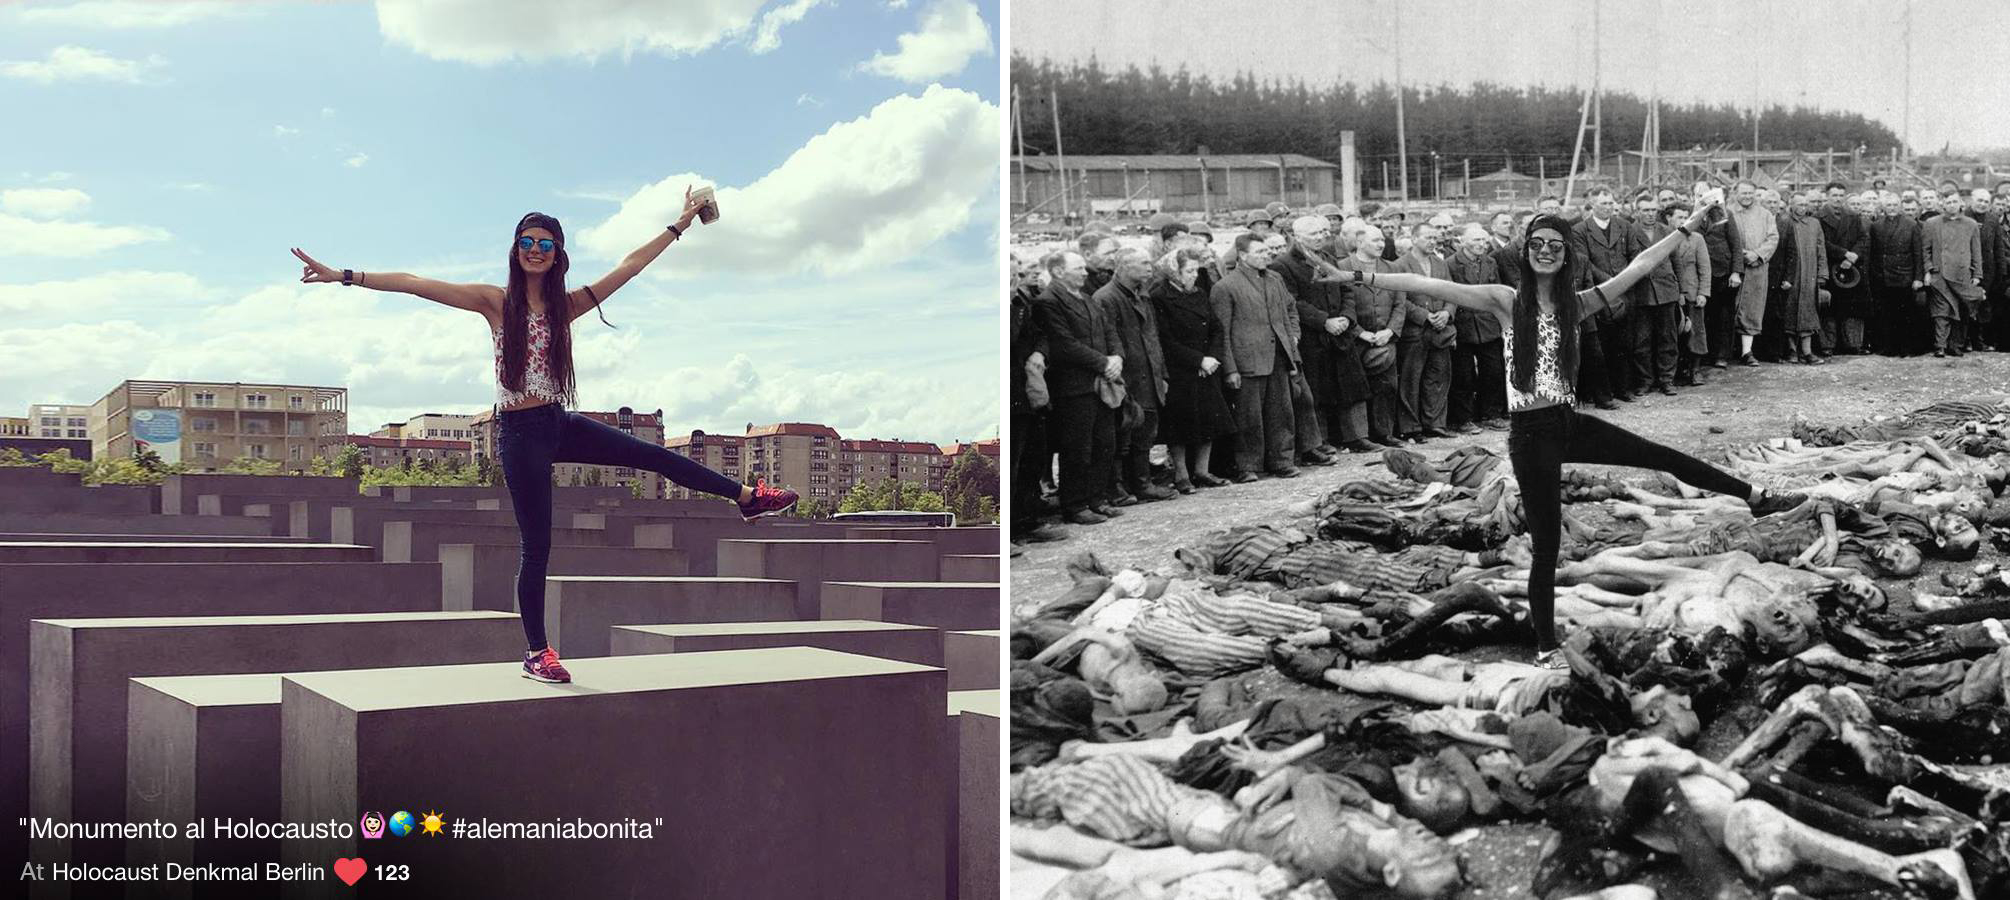 YOLOCAUST photoshoppe des touristes débiles au milieu des camps de concentration